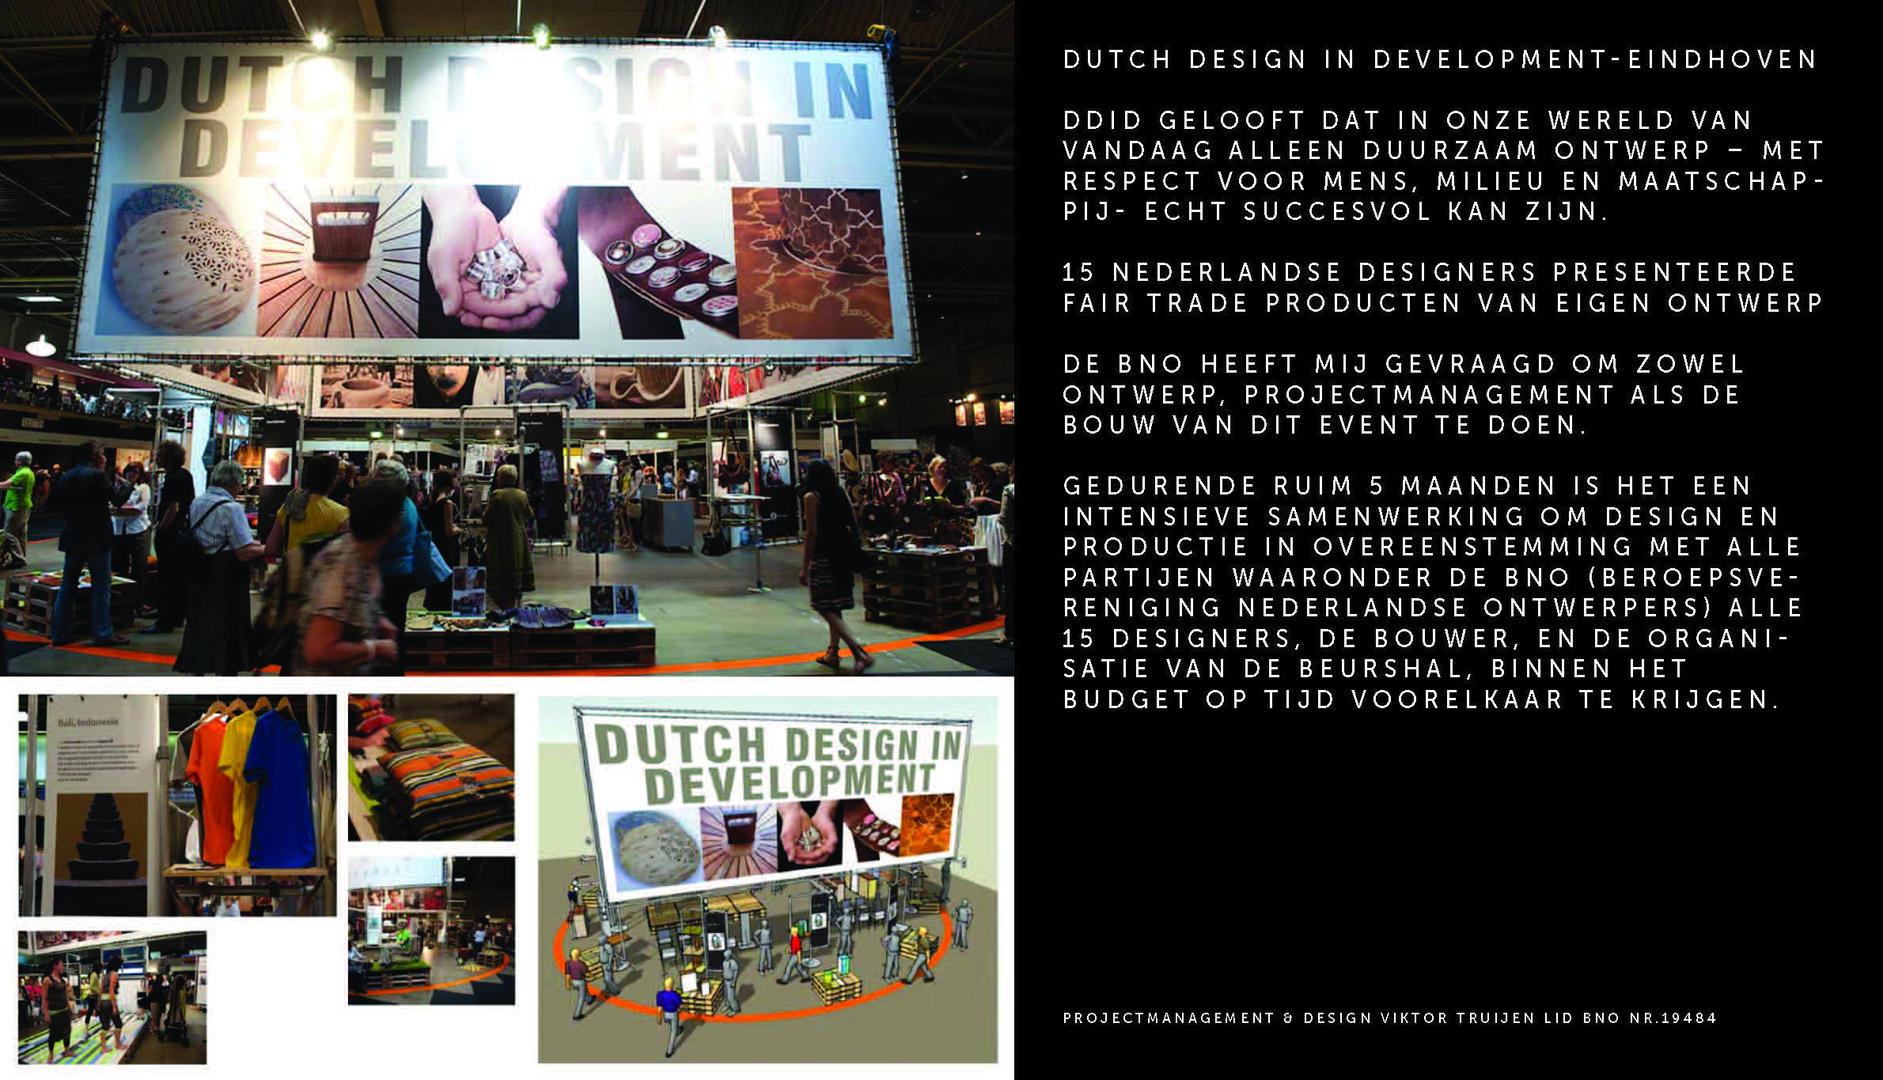 Beursstand BNO Dutch Design In Development